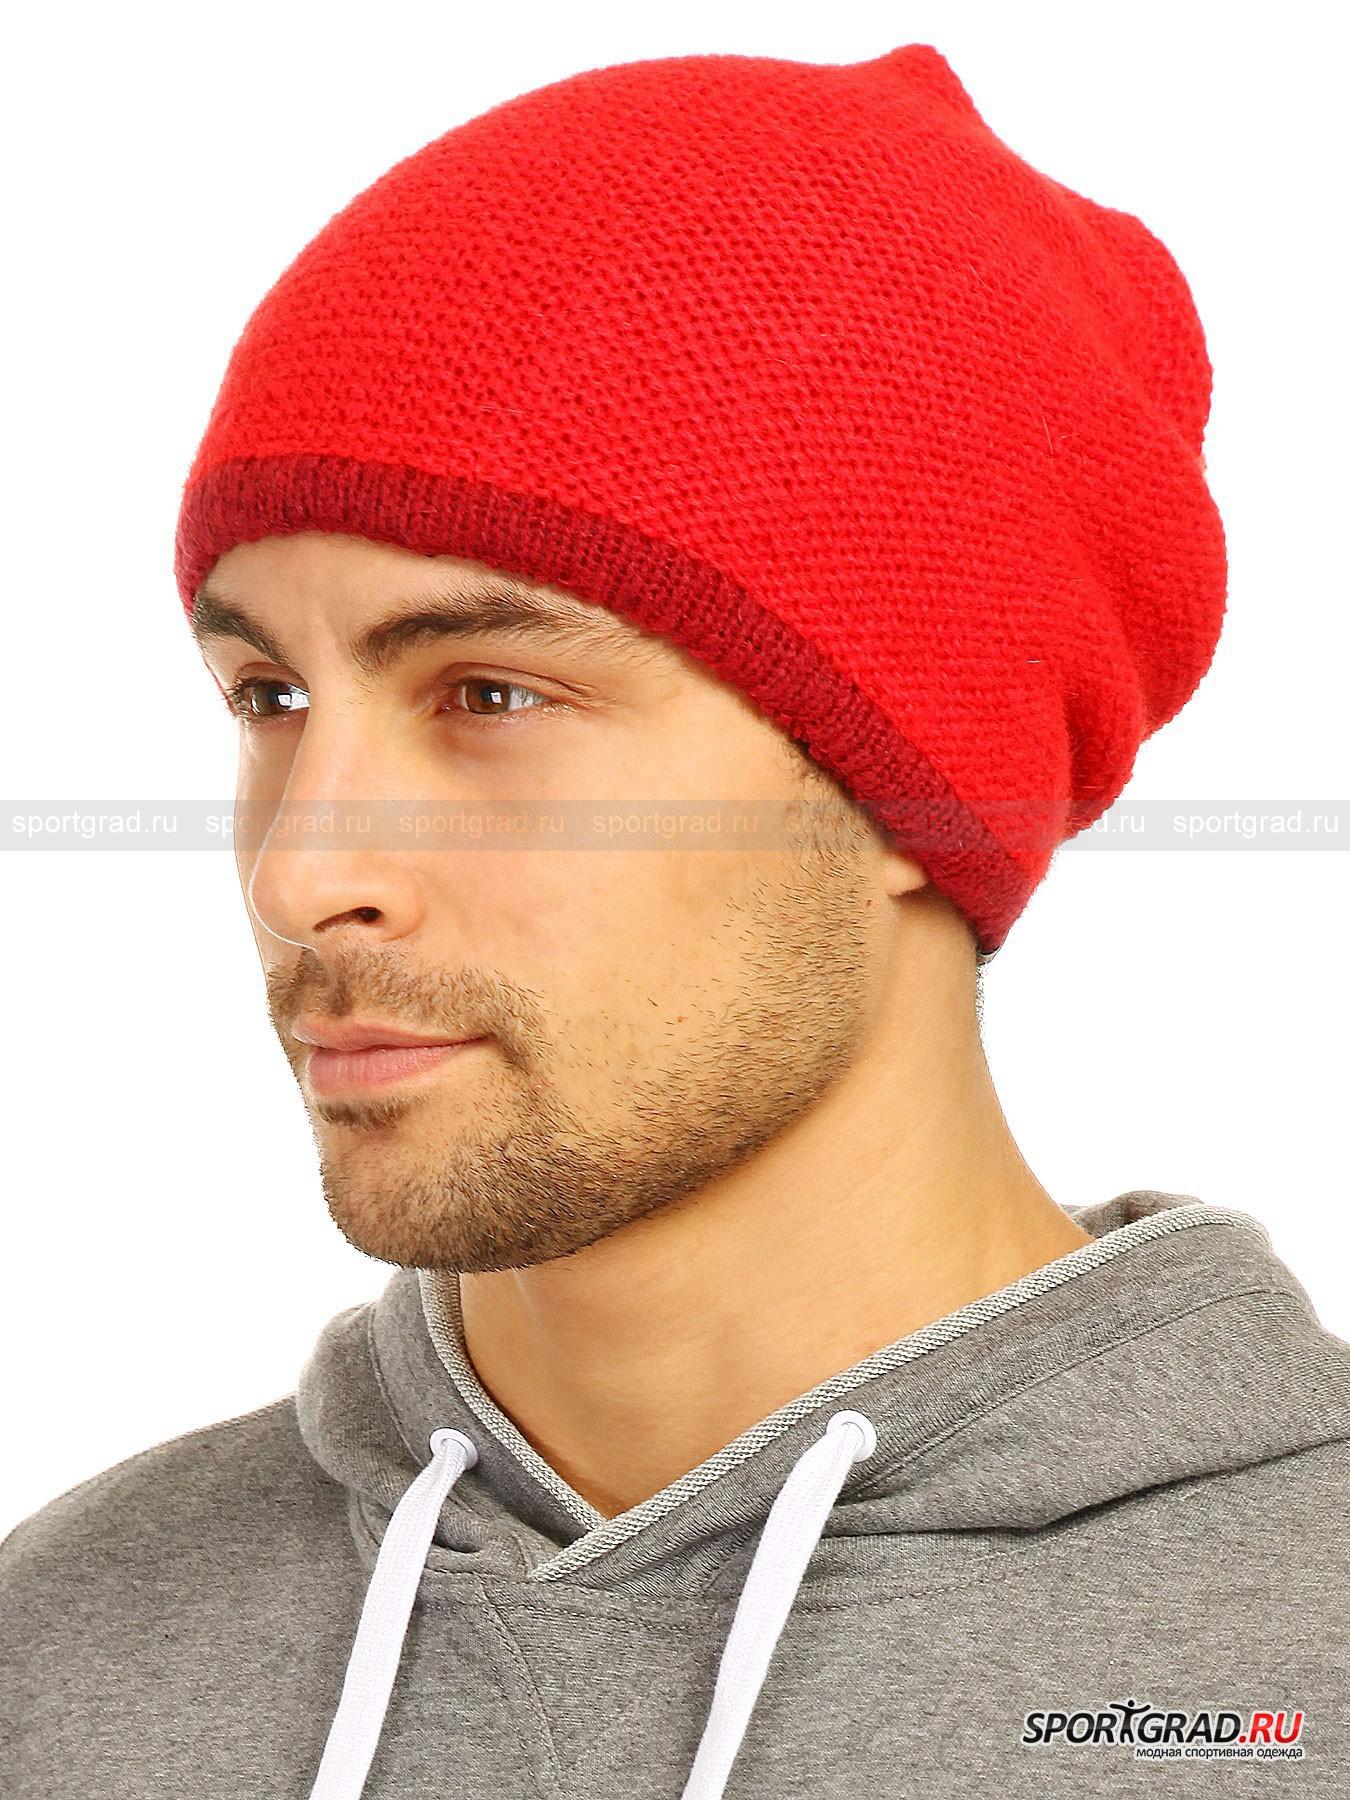 Шапка вязаная унисекс МееtingГоловные Уборы<br>Оригинальная объемная шапка Meeting универсальна и подойдет как мужчинам, так и женщинам. Она состоит из двух слоев полотна, связанного «изнаночными» петлями – сверху ярко-красного, а изнутри бордового цвета, такого же, как окантовка по периметру. Верхняя часть шапки имеет отверстие с красиво собранной вокруг него тканью.<br><br>Модель обладает увеличенной длиной и садится свободно, не обхватывая голову слишком плотно. Стильная молодежная вещь для ярких образов, которая к тому же отлично согревает.<br><br>Возраст: Взрослый<br>Тип: Головные Уборы<br>Рекомендации по уходу: ручная стирка; не отбеливать; гладить слегка нагретым утюгом (температура до 110 C); только сухая чистка; нельзя выжимать и сушить в стиральной машине<br>Состав: 42% полиакрил, 30% мохер, 28% полиамид